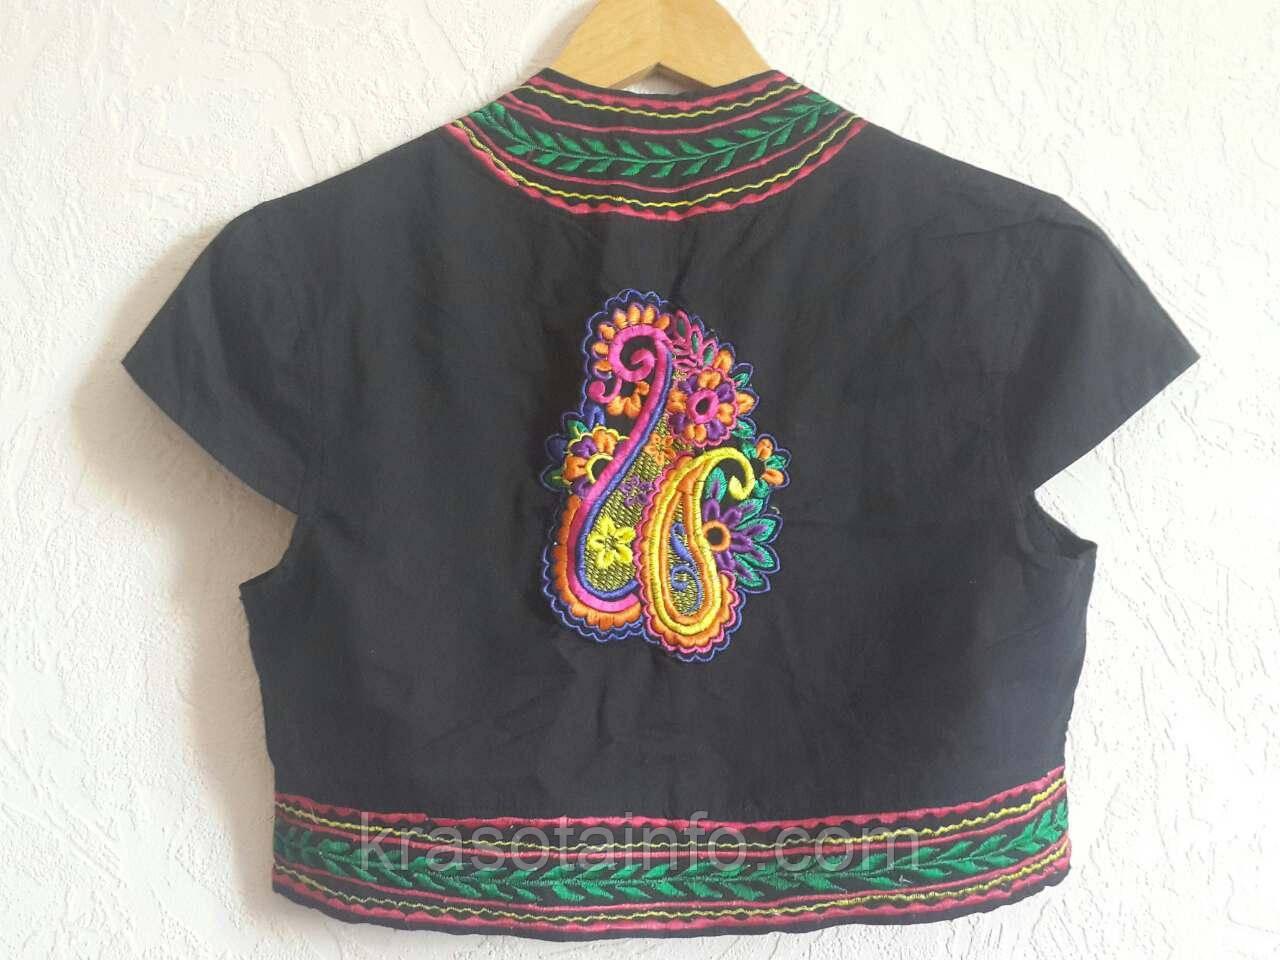 Болеро, вышивка, этнические мотивы, черное, 100% хлопок, Индия. Размер S/M